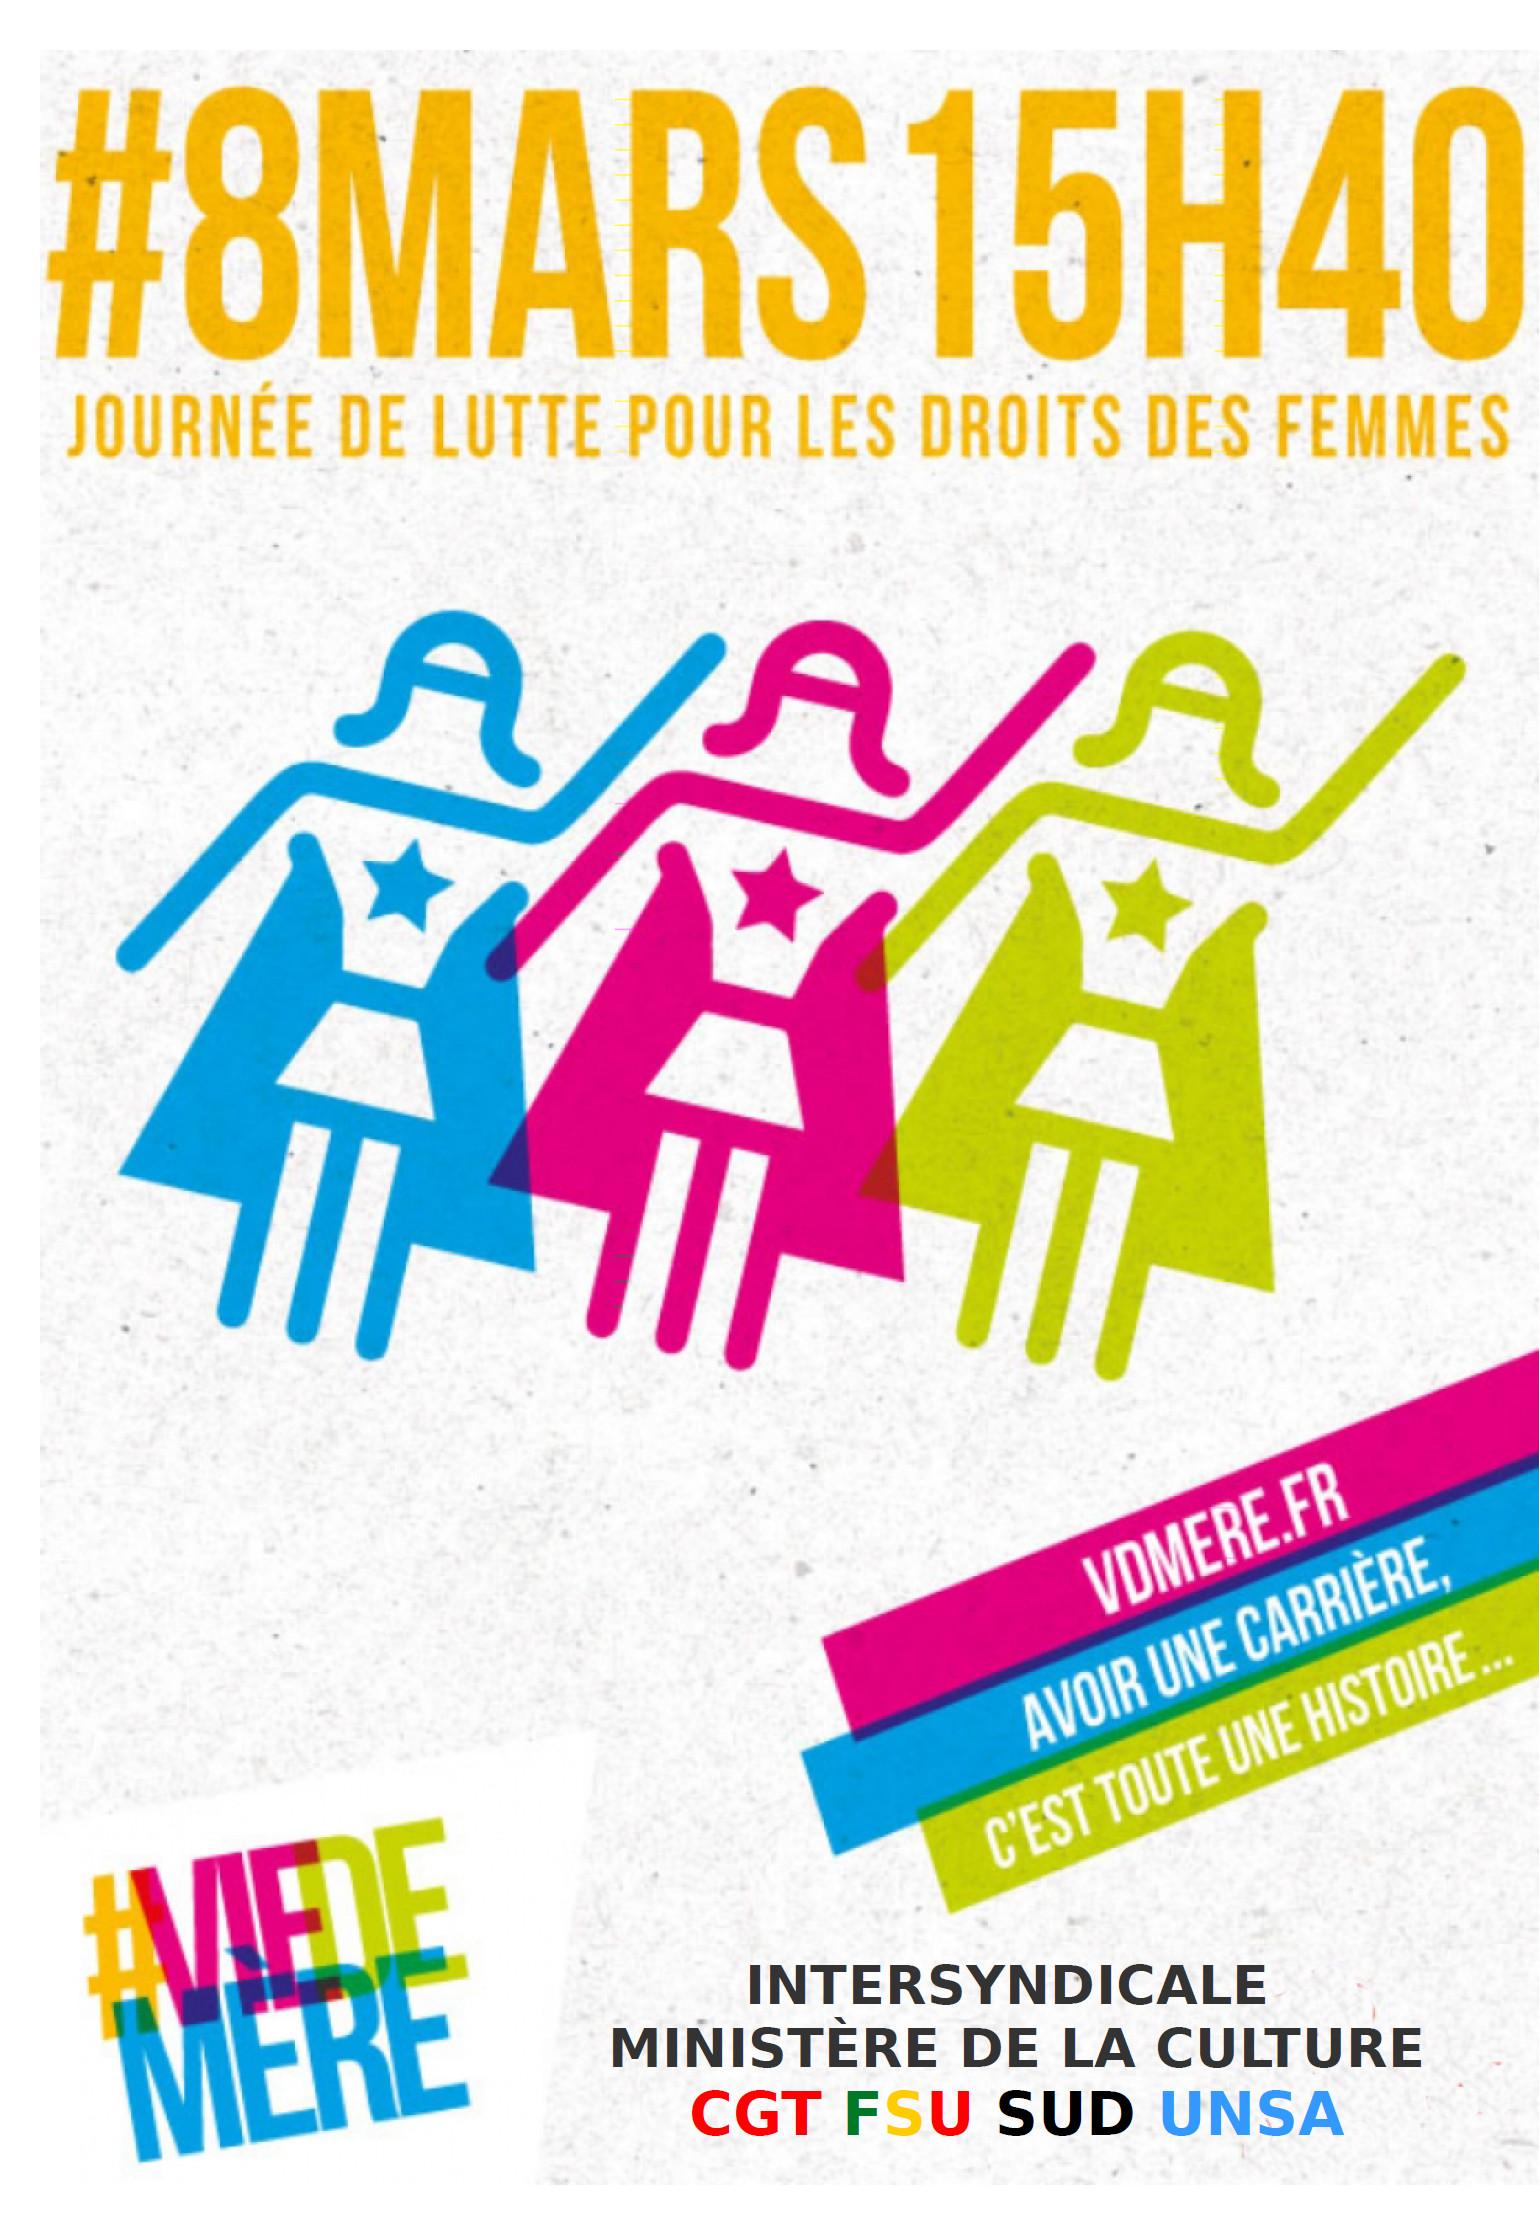 8 mars égalité des droits entre les femmes et les hommes